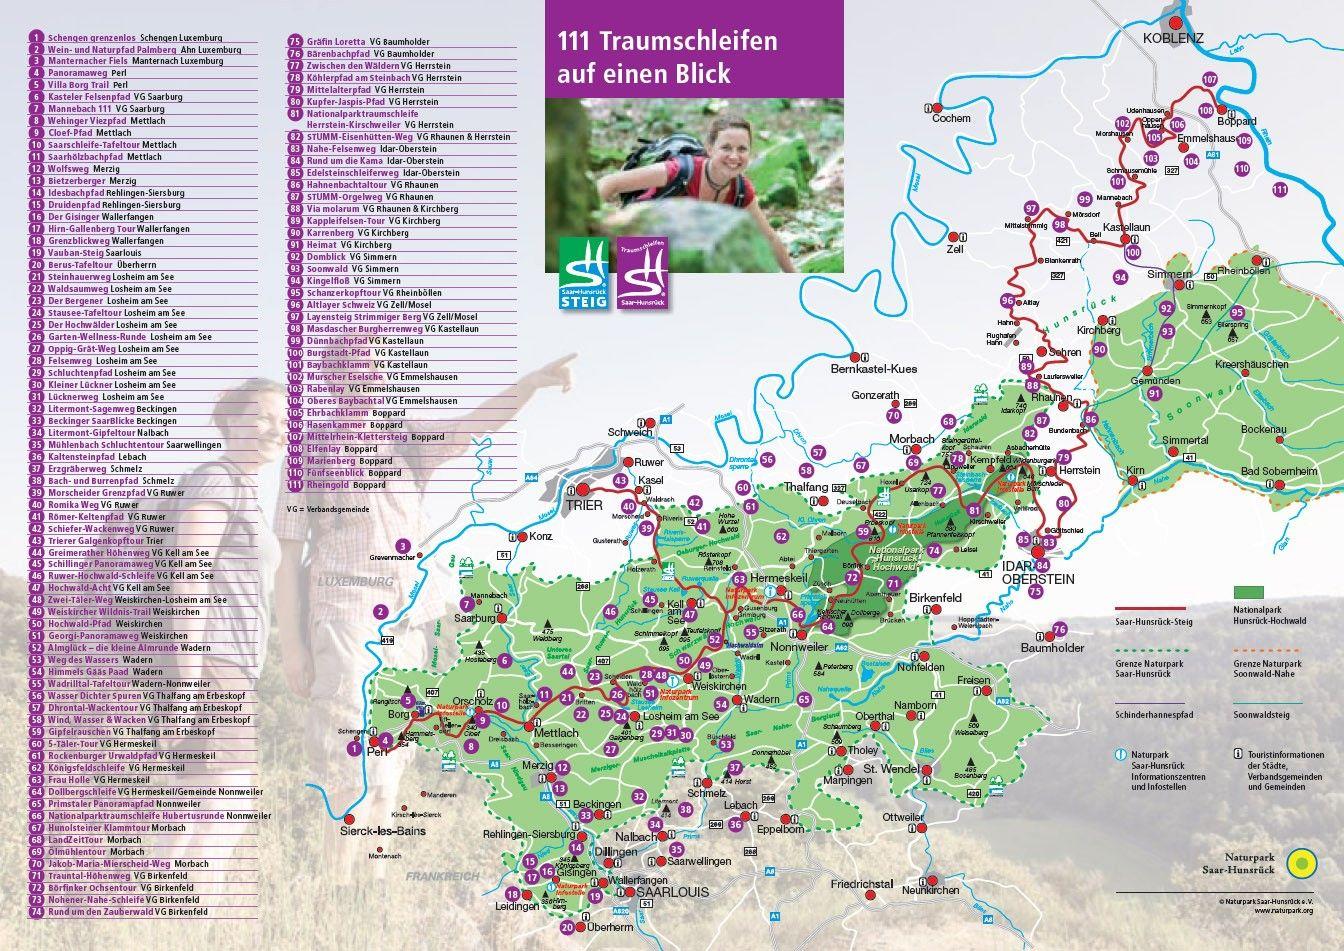 Images Website Bild 21 Jpg 1344 951 Karten Schleife Auf Einen Blick